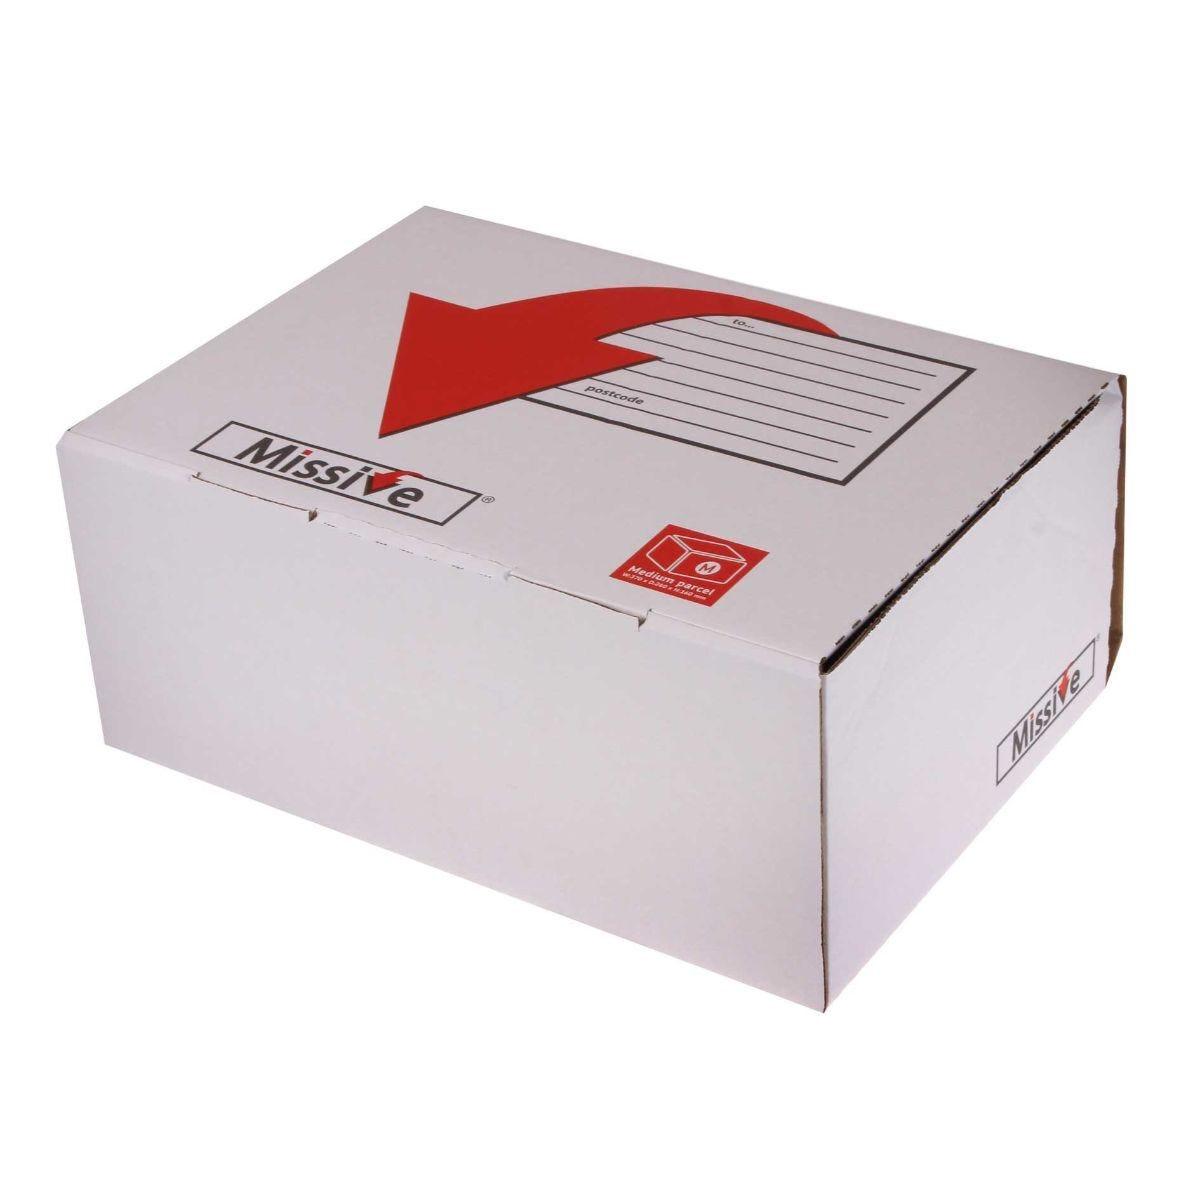 Missive Small Postal Box 350x250x160mm Pack of 20